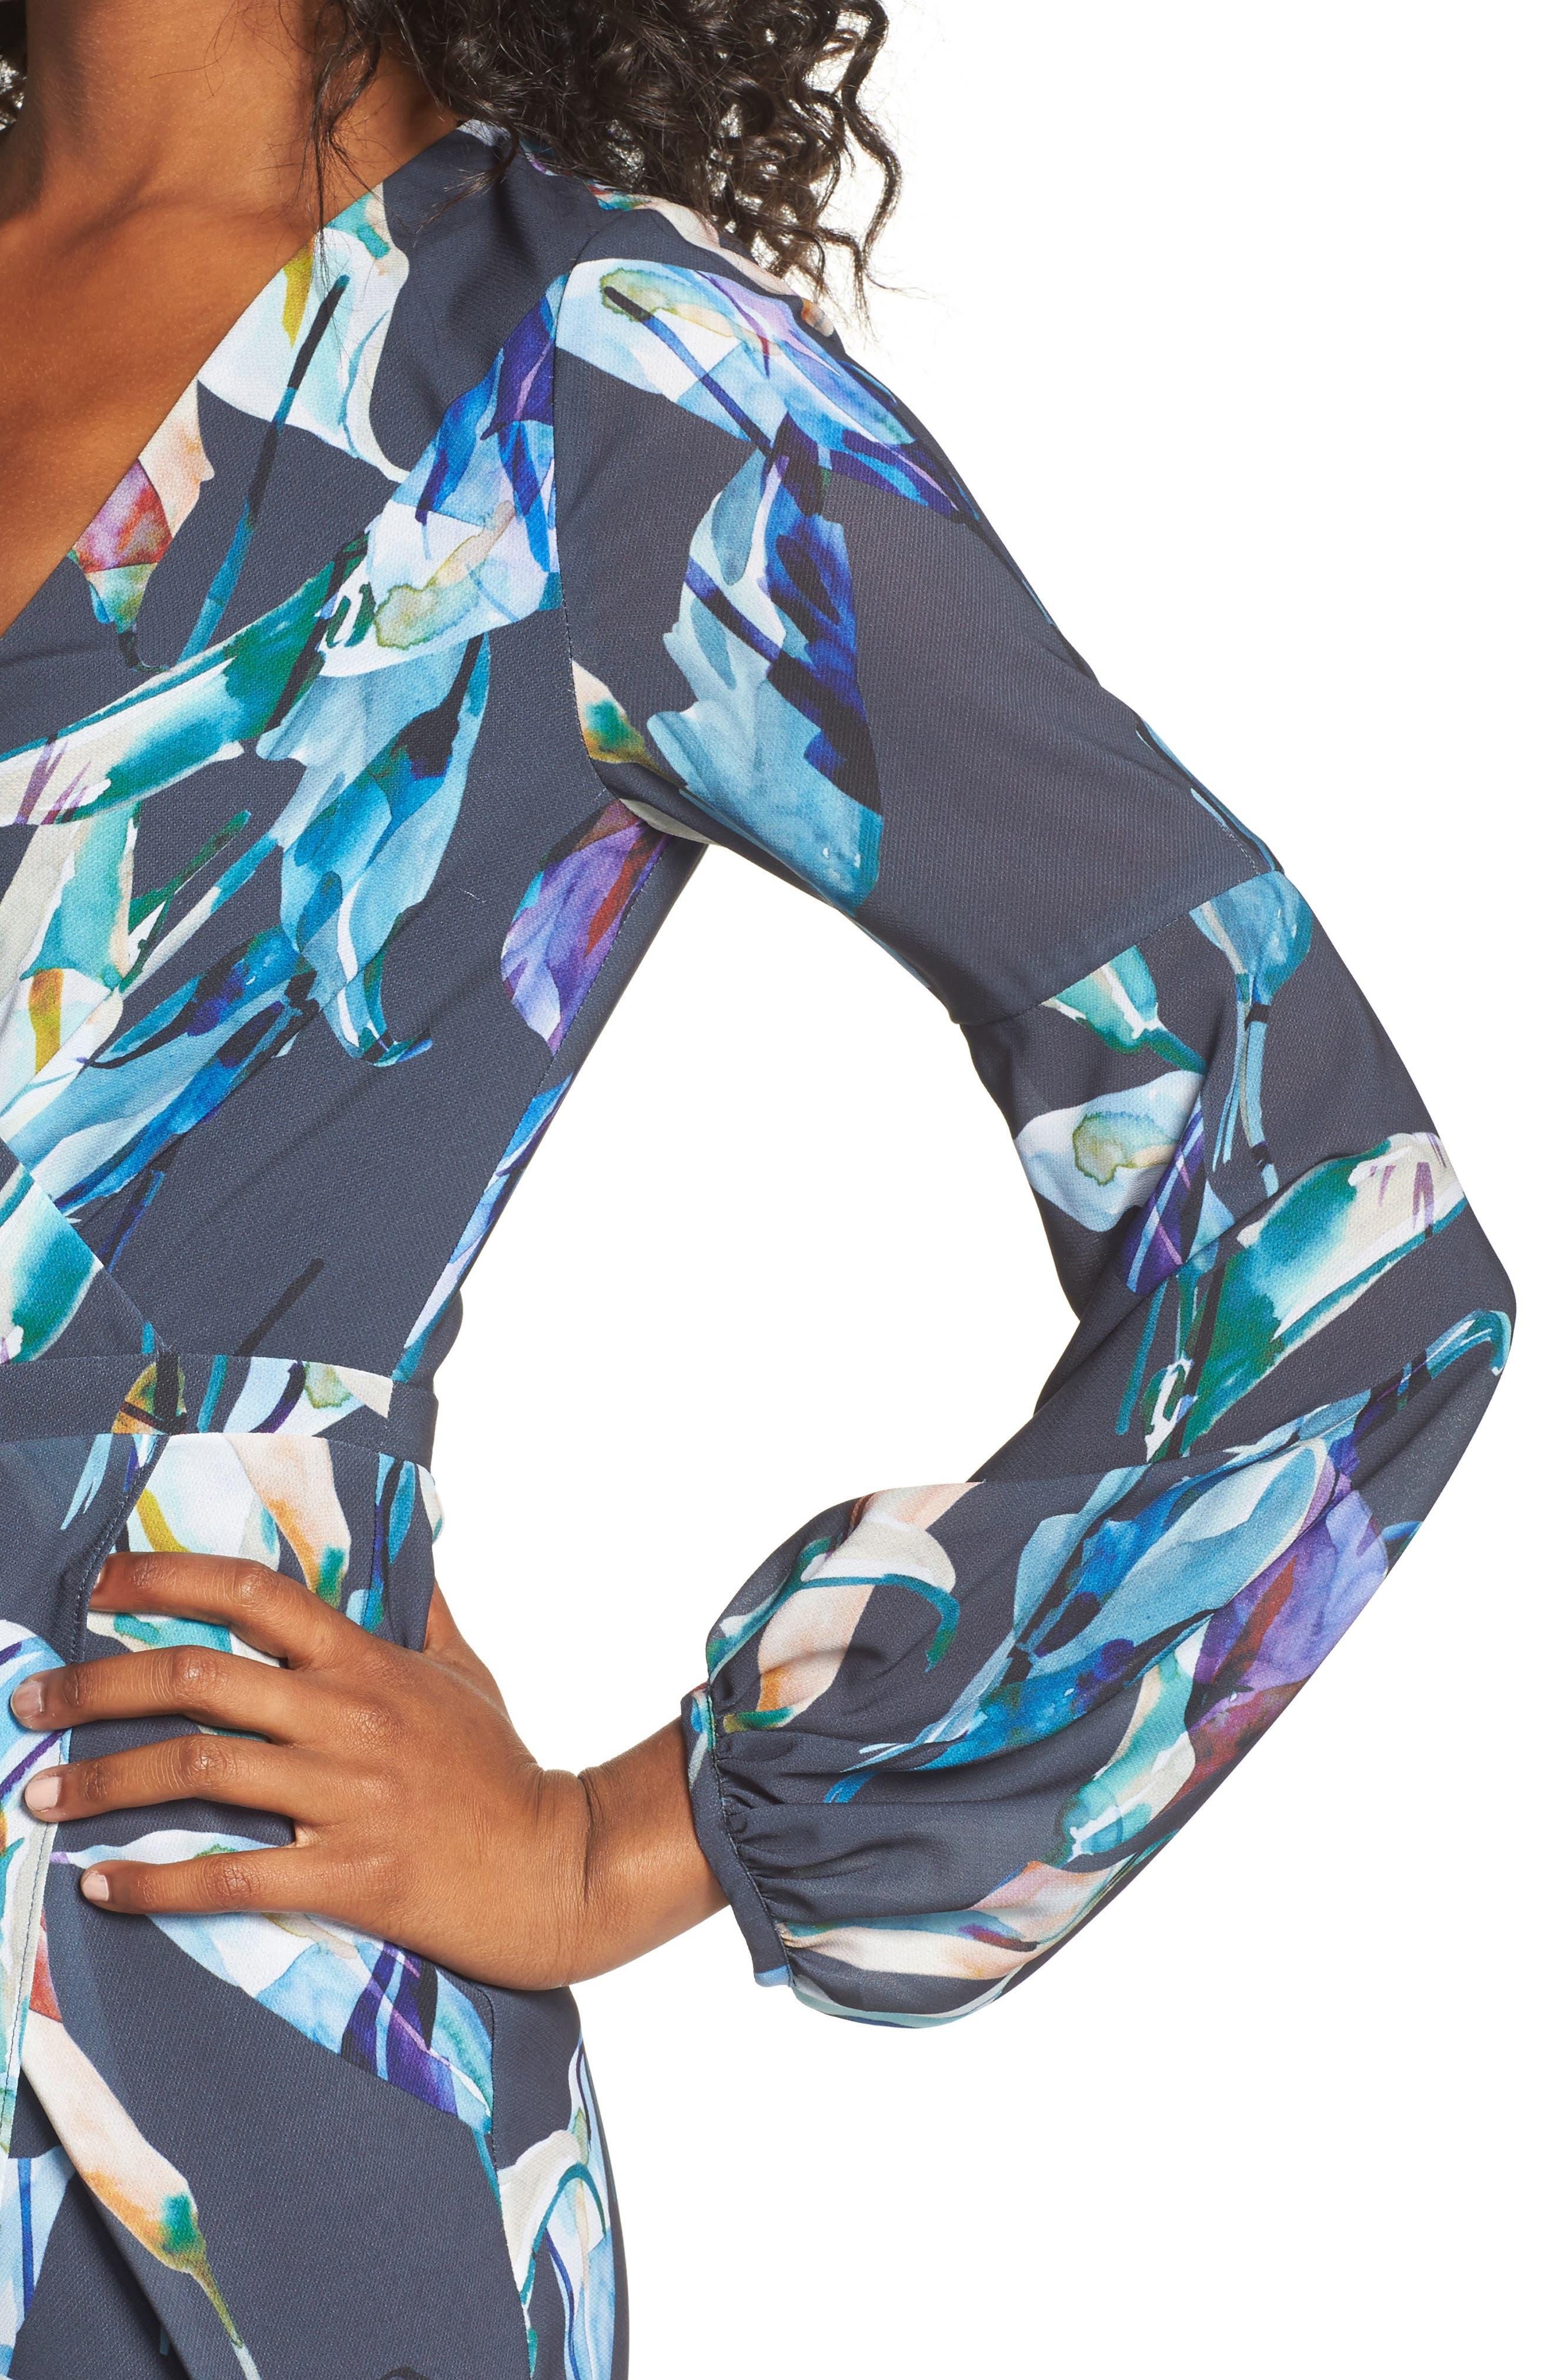 Romanticise Midi Dress,                             Alternate thumbnail 4, color,                             Black/ Aqua